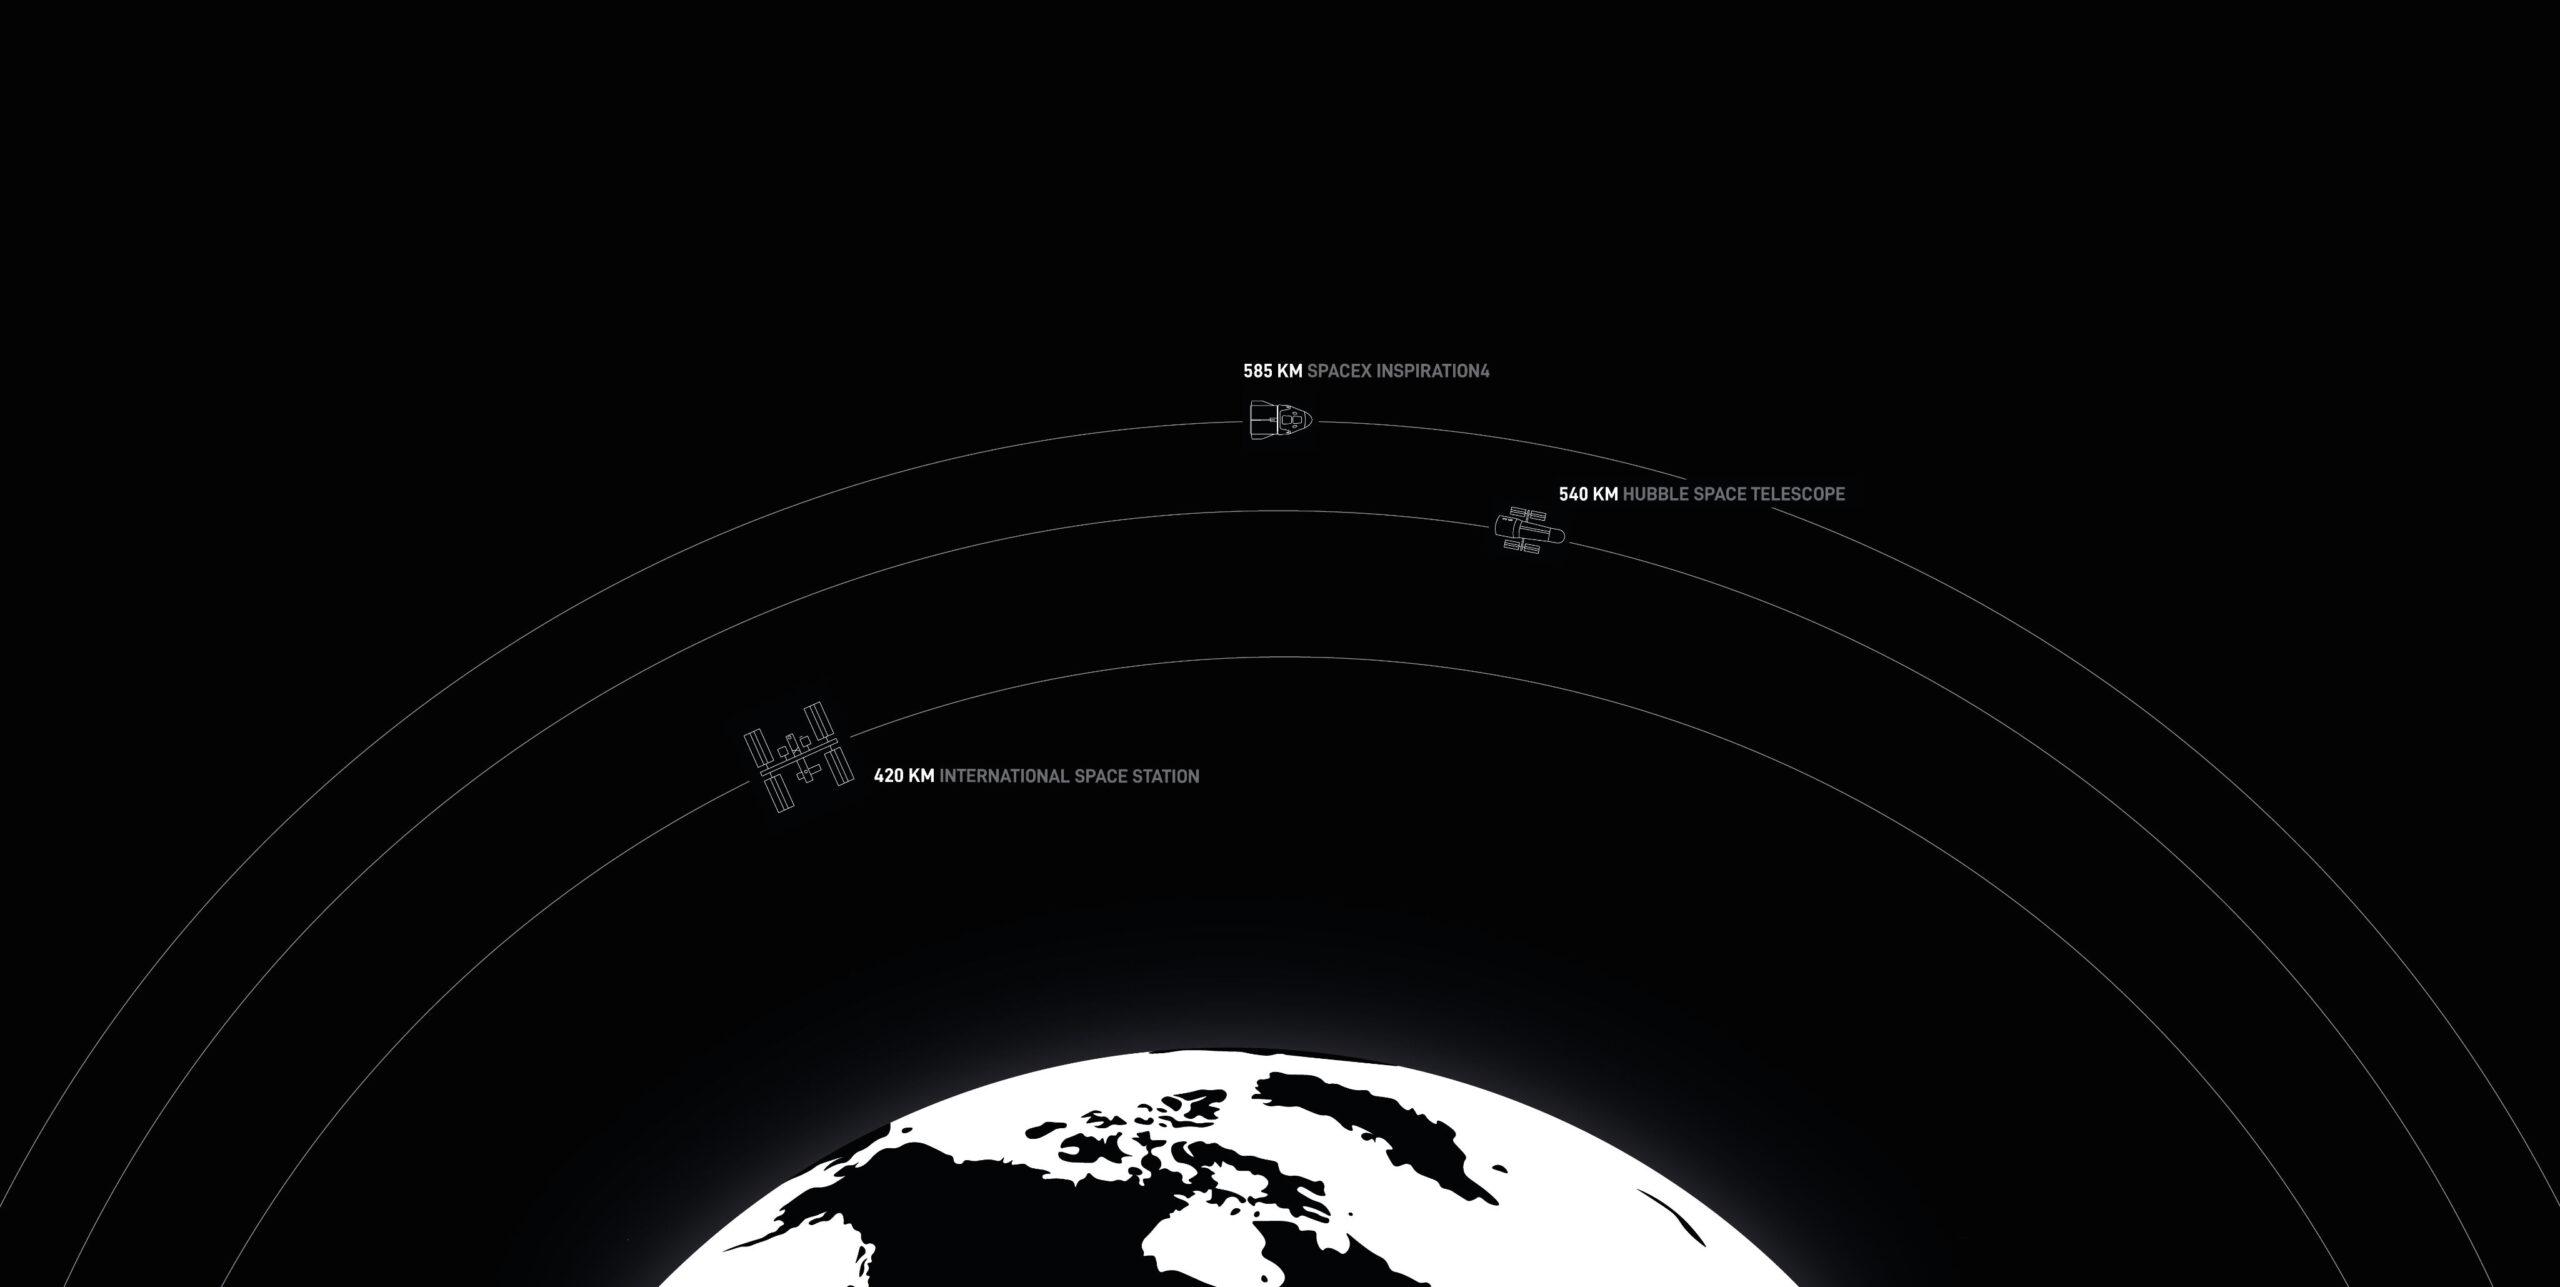 Độ cao của quỹ đạo phi thuyền Crew Dragon so với kính viễn vọng không gian Hubble và trạm không gian ISS.